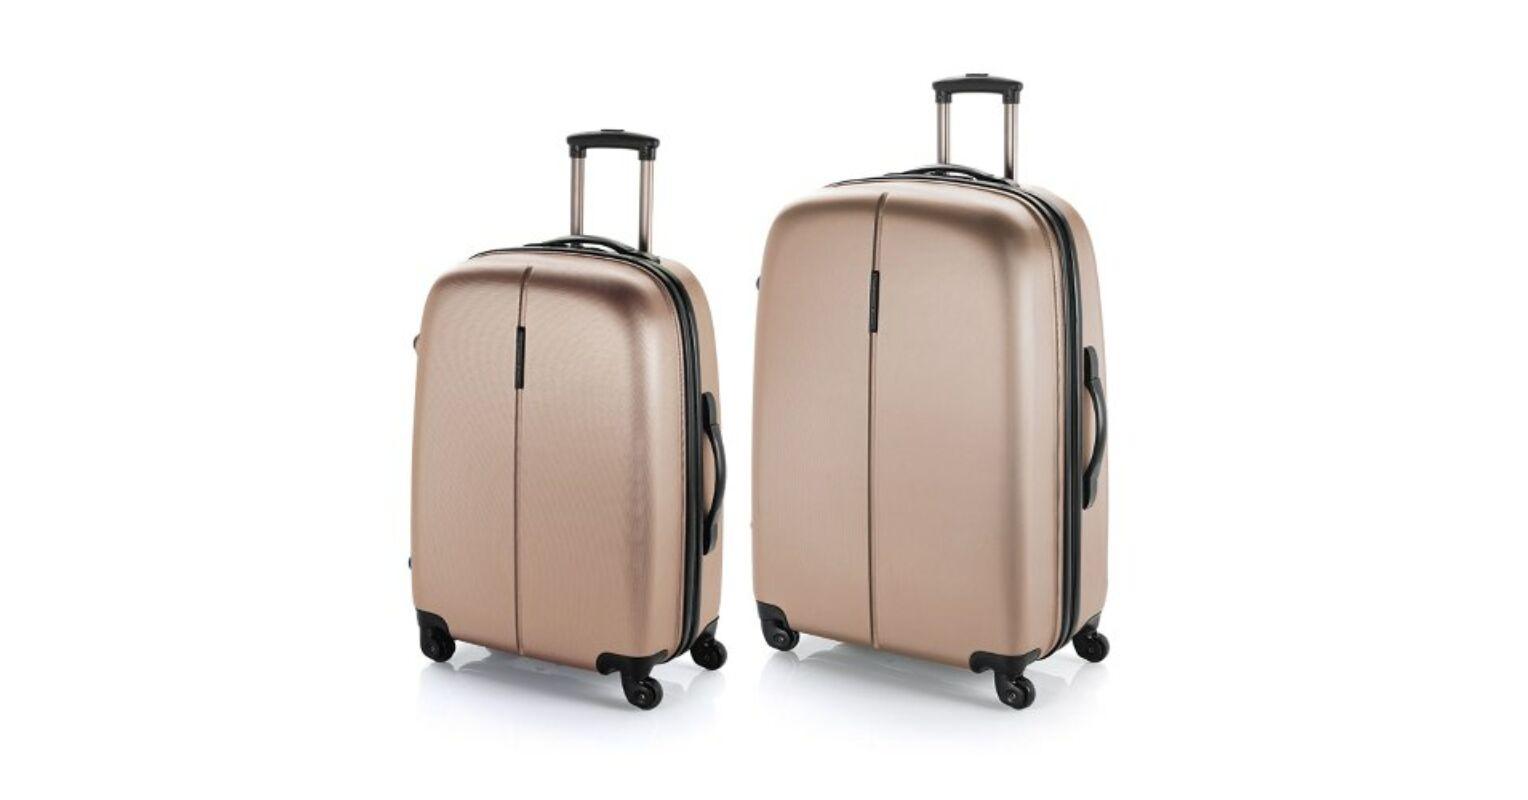 3218ed8ba372 Gabol Paradise 4-Kerekes Trolley Nagy Bőrönd 77 Cm Ga-103505 - KEMÉNY  BŐRÖNDÖK - Táska webáruház - Minőségi táskák mindenkinek